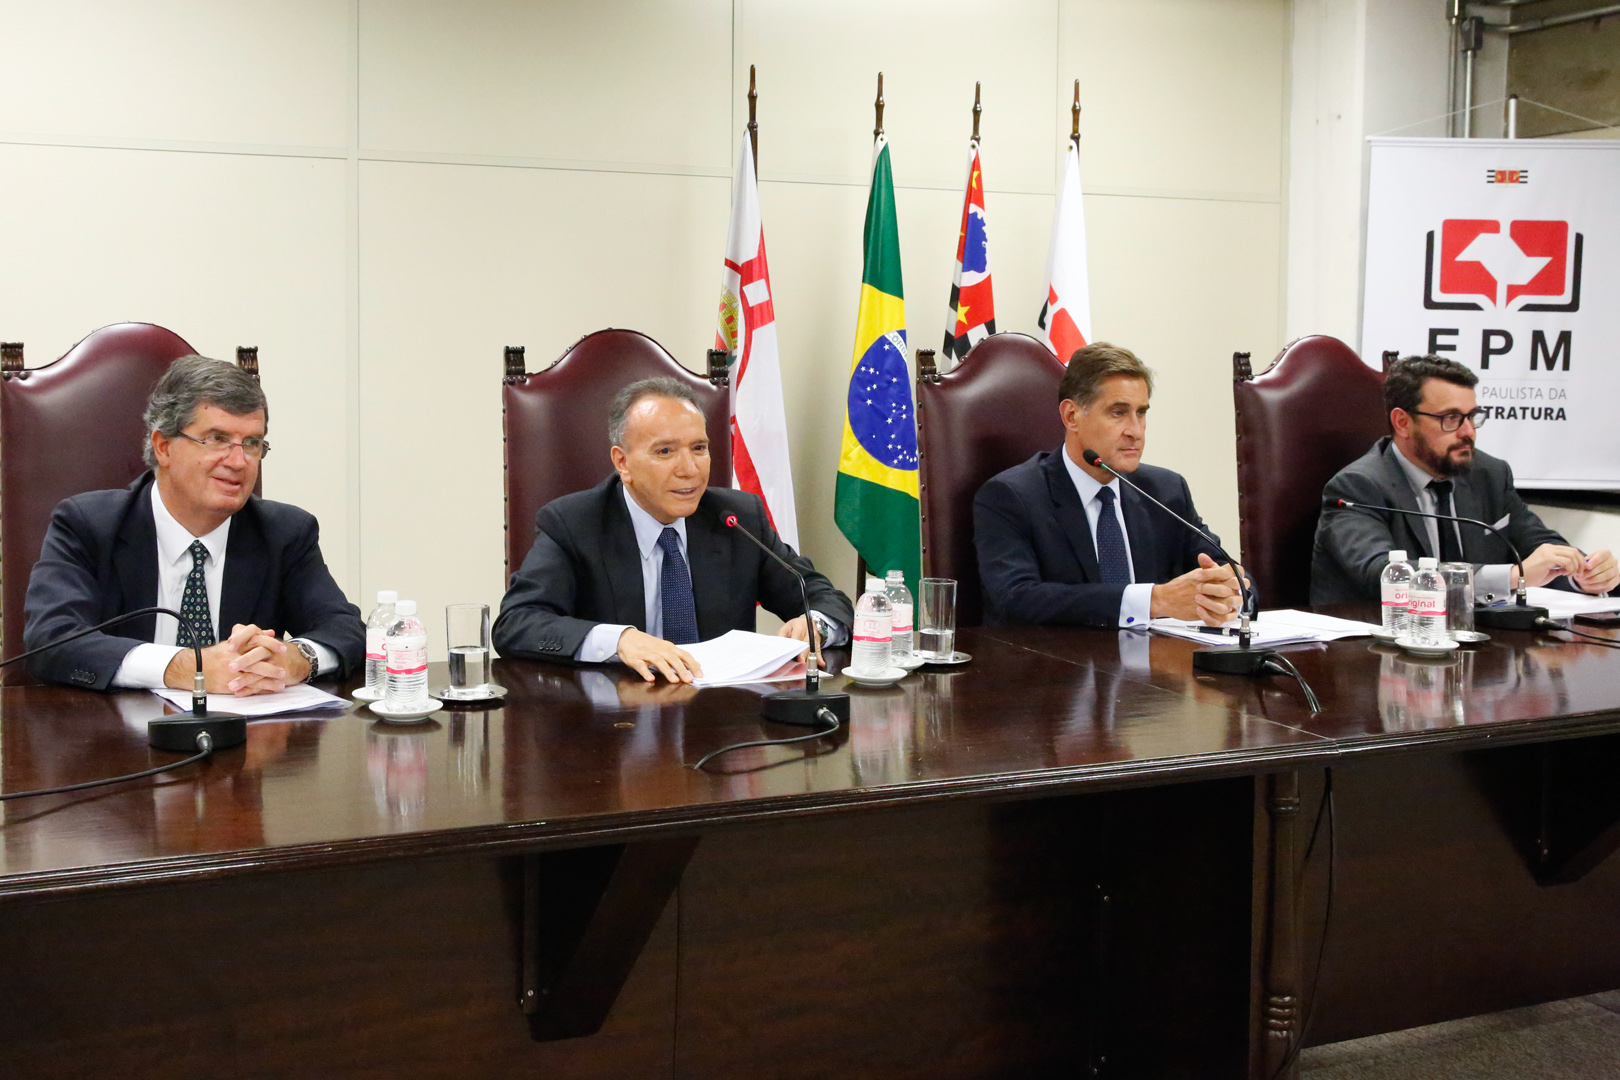 EPM promove curso de especialização em Direito Penal na Capital e em São José do Rio Preto